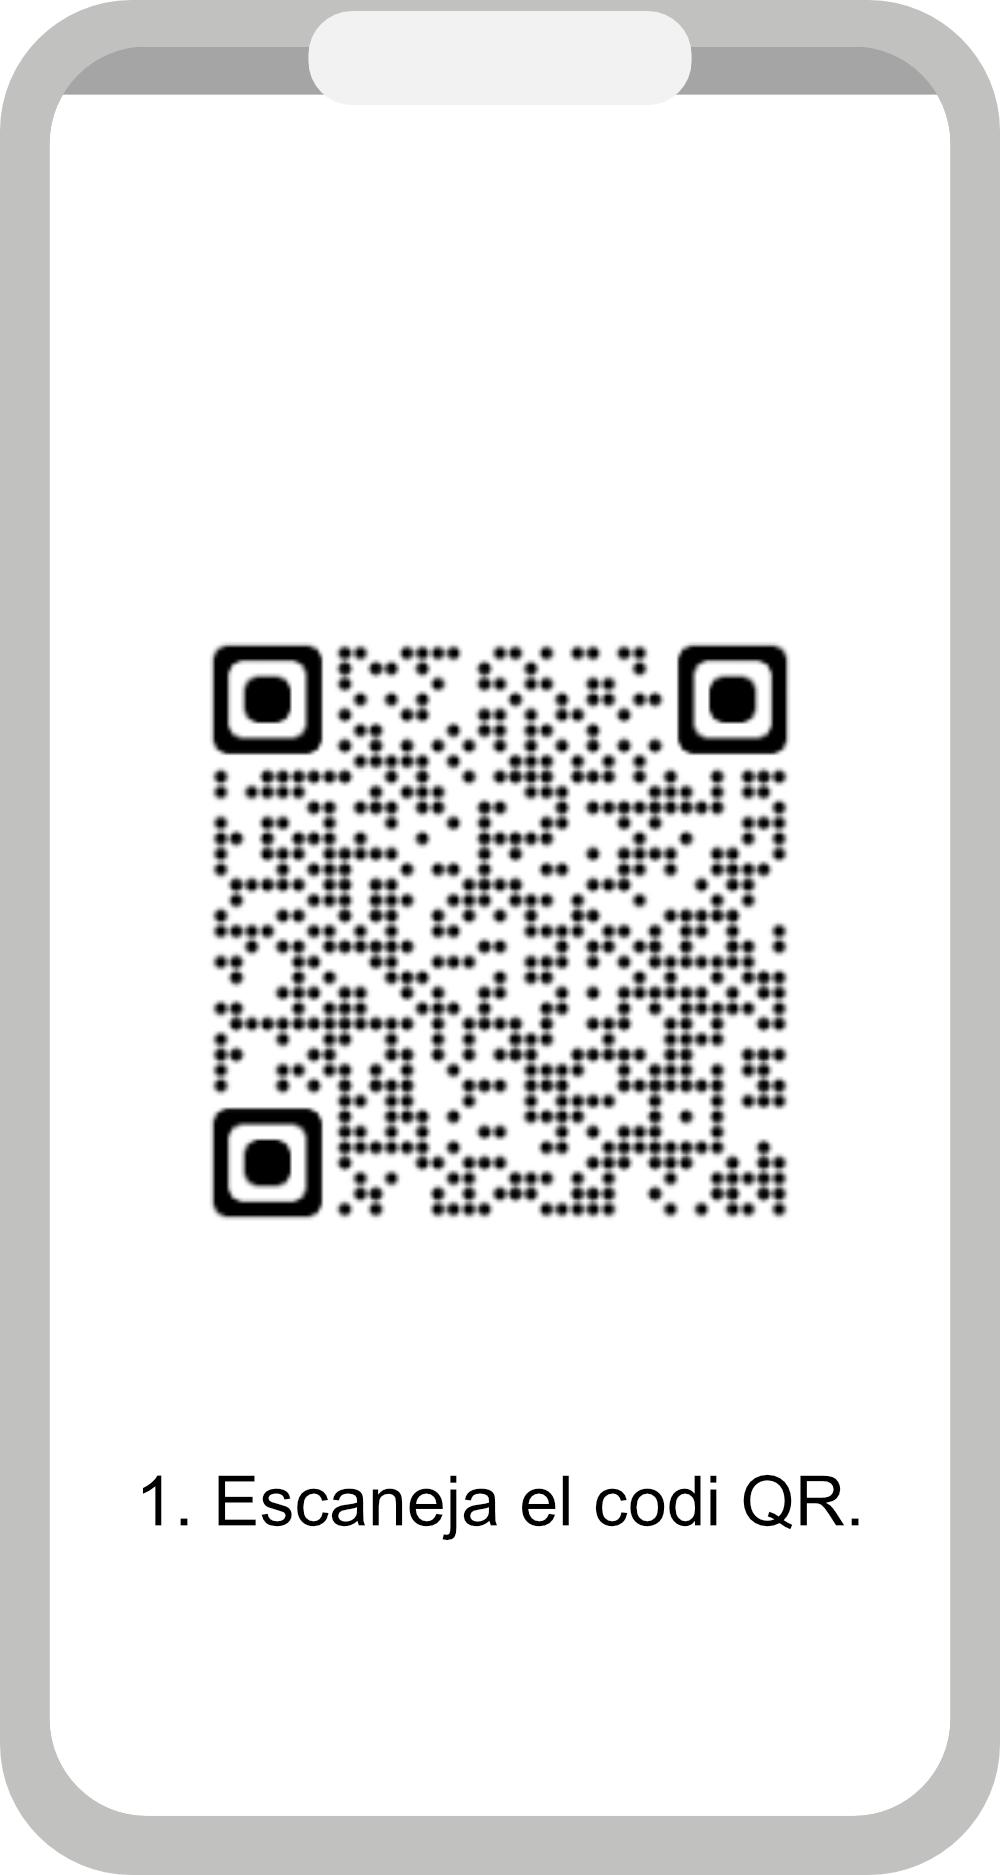 1. Escanegeu el codi QR